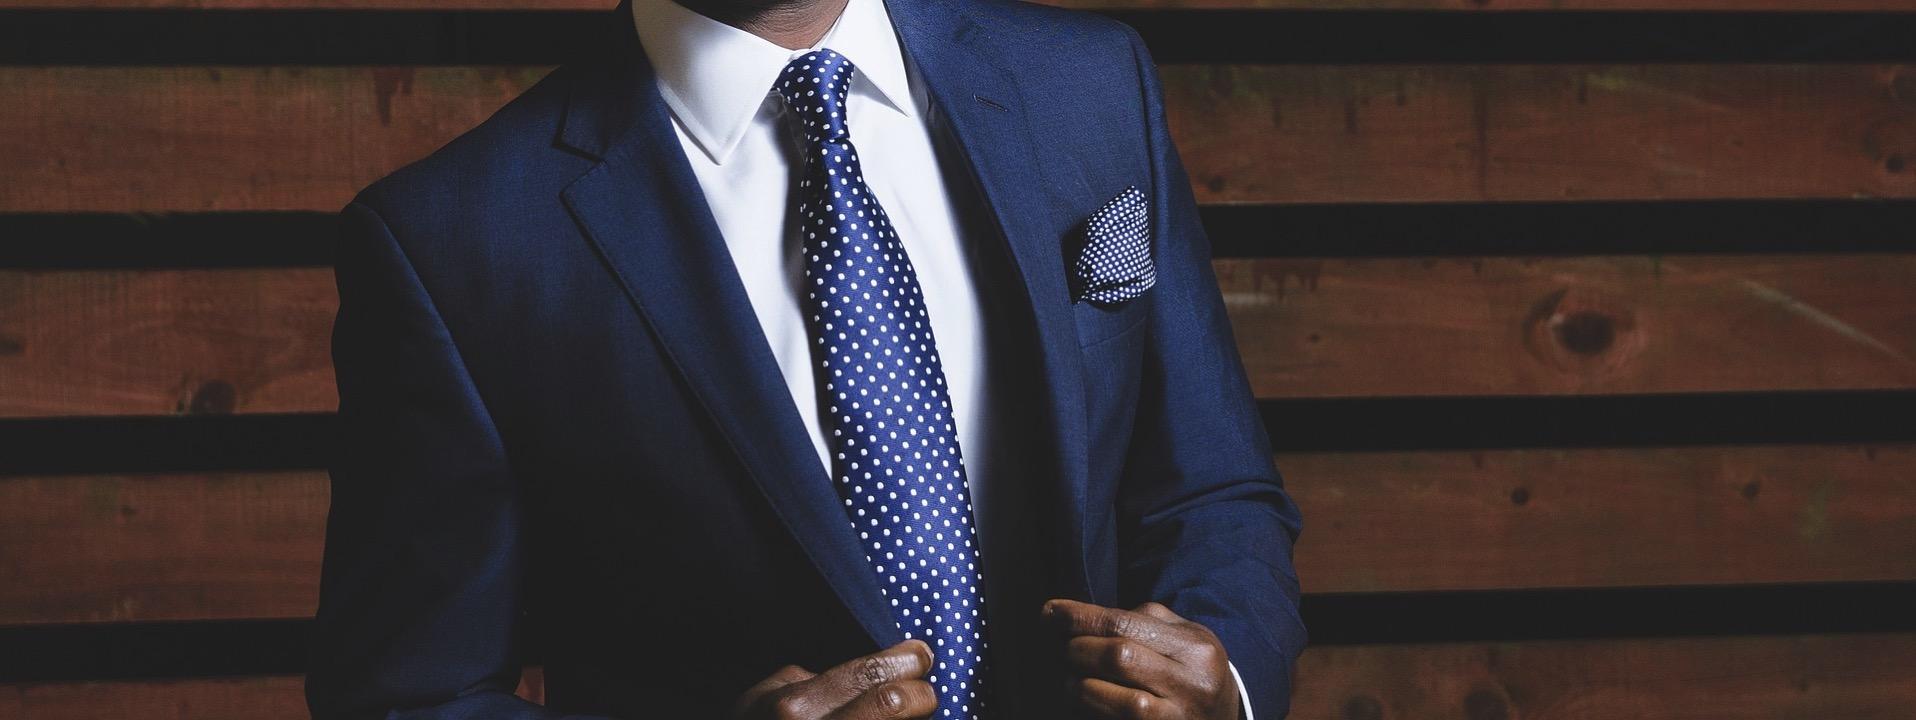 ビジネスマン スーツ かっこいい